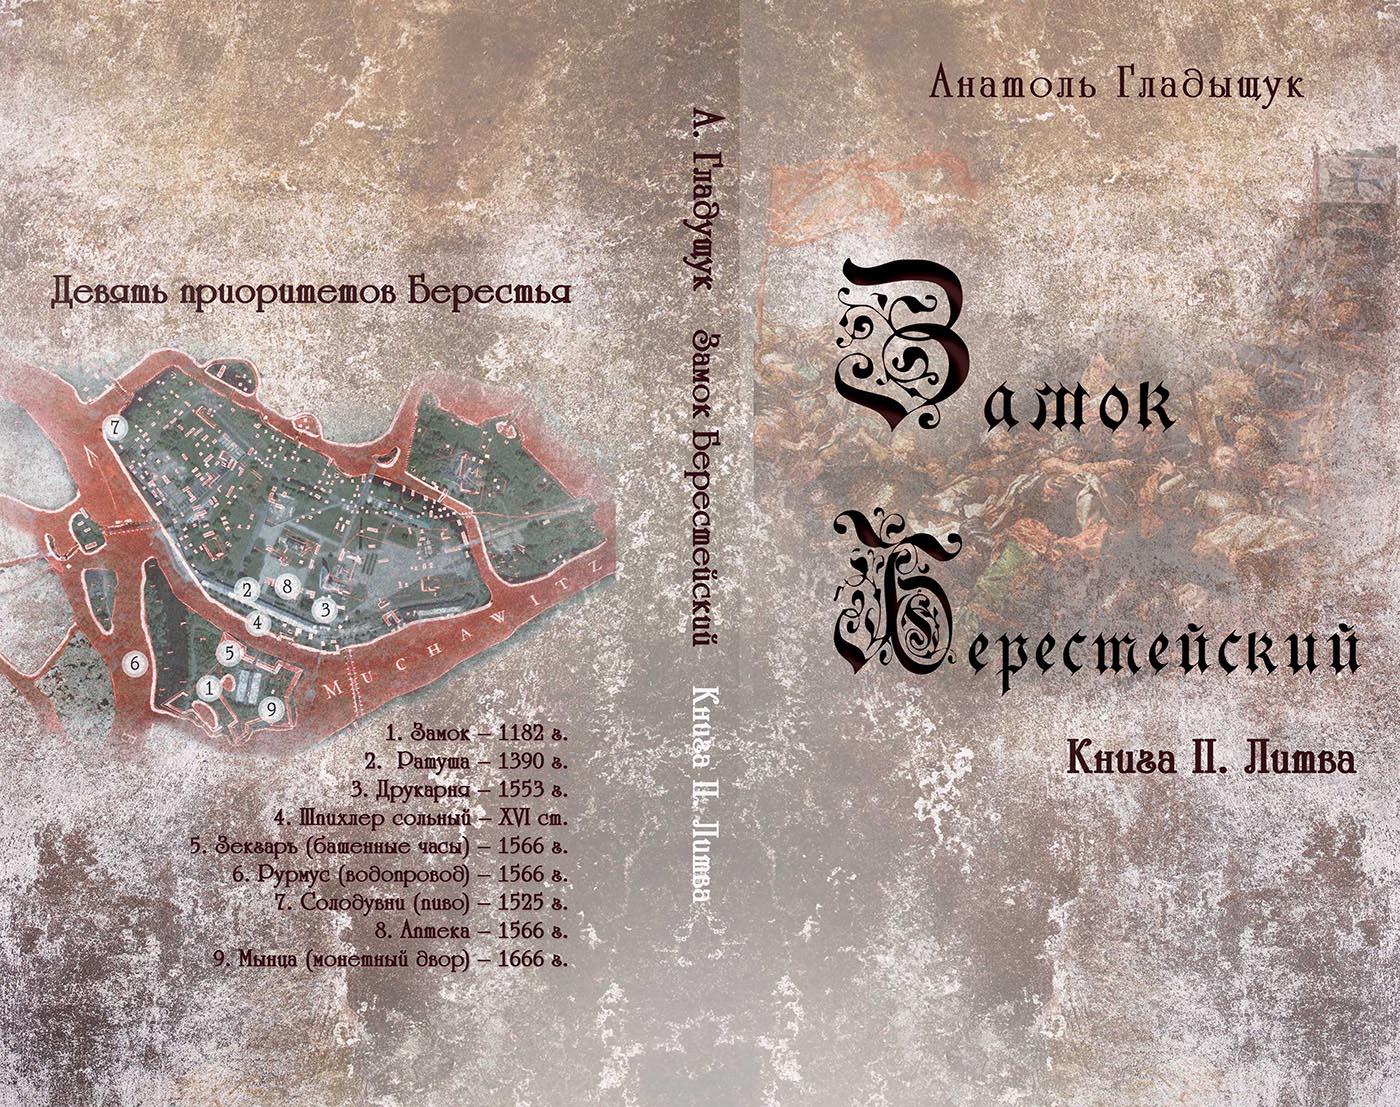 Анатоль Гладыщук, «Замок Берестейский. Книга 2. Литва»